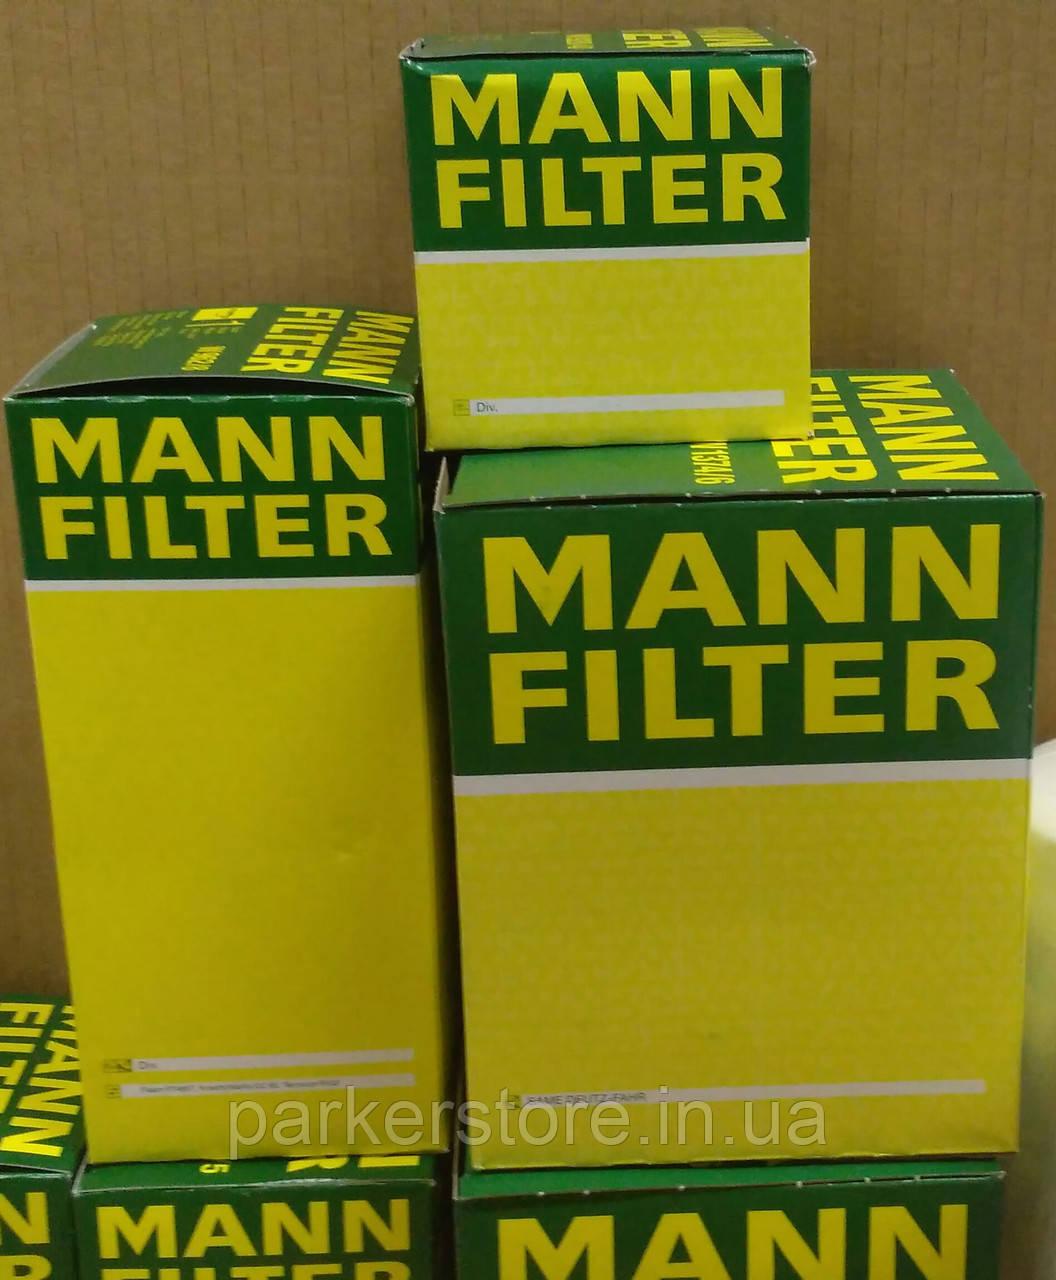 MANN FILTER / Повітряний фільтр / C 2493 / C2493